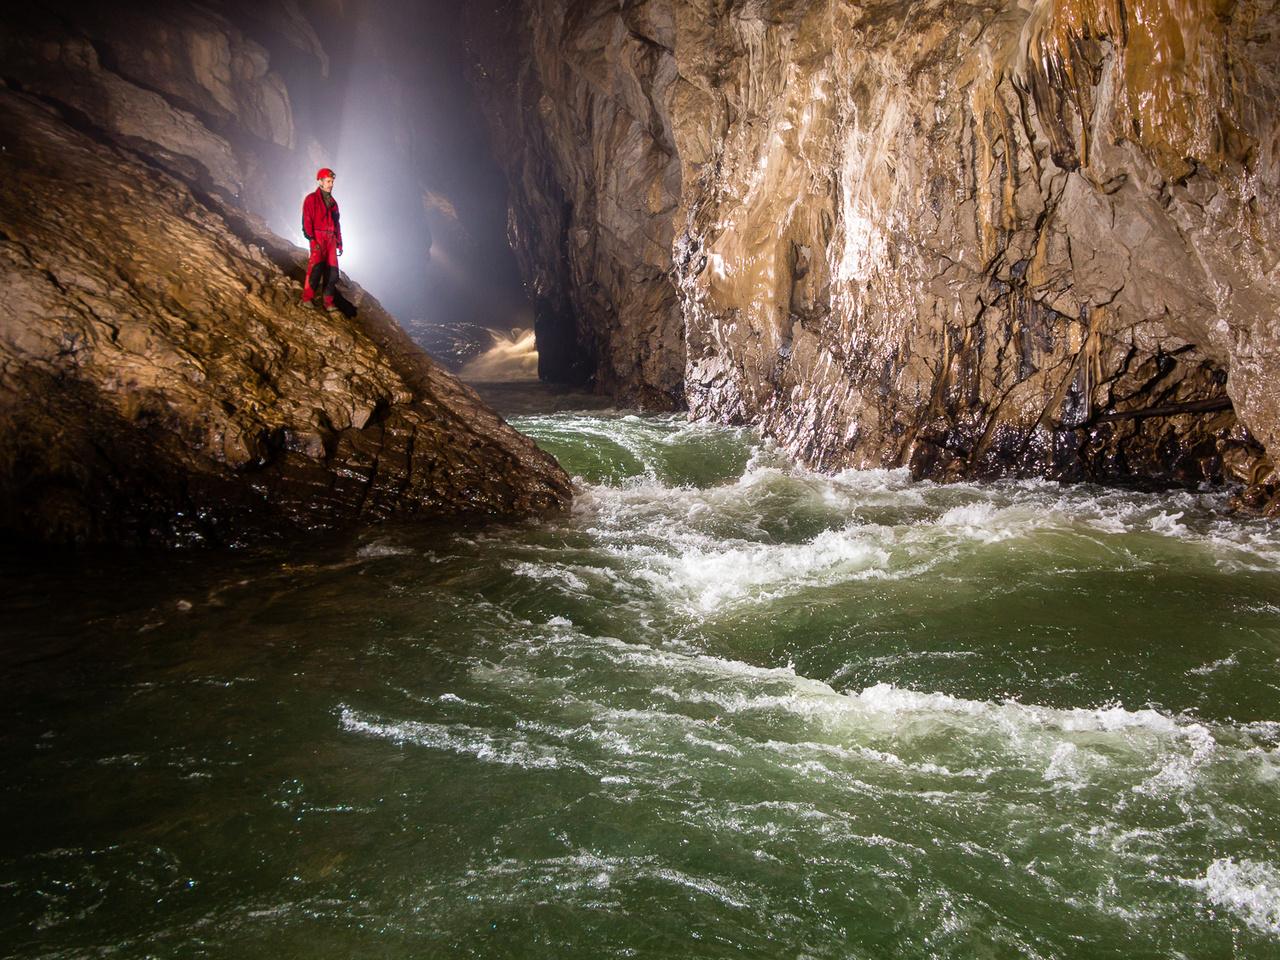 A világ legnagyobb földalatti kanyonjaként ismert, a világörökségi listán is szereplő Skocjan barlang mélyén haladó sebes folyású barlangi folyó vízszintje, árvíz idején akár 90-100 méterrel is meg tud emelkedni néhány óra leforgása alatt.